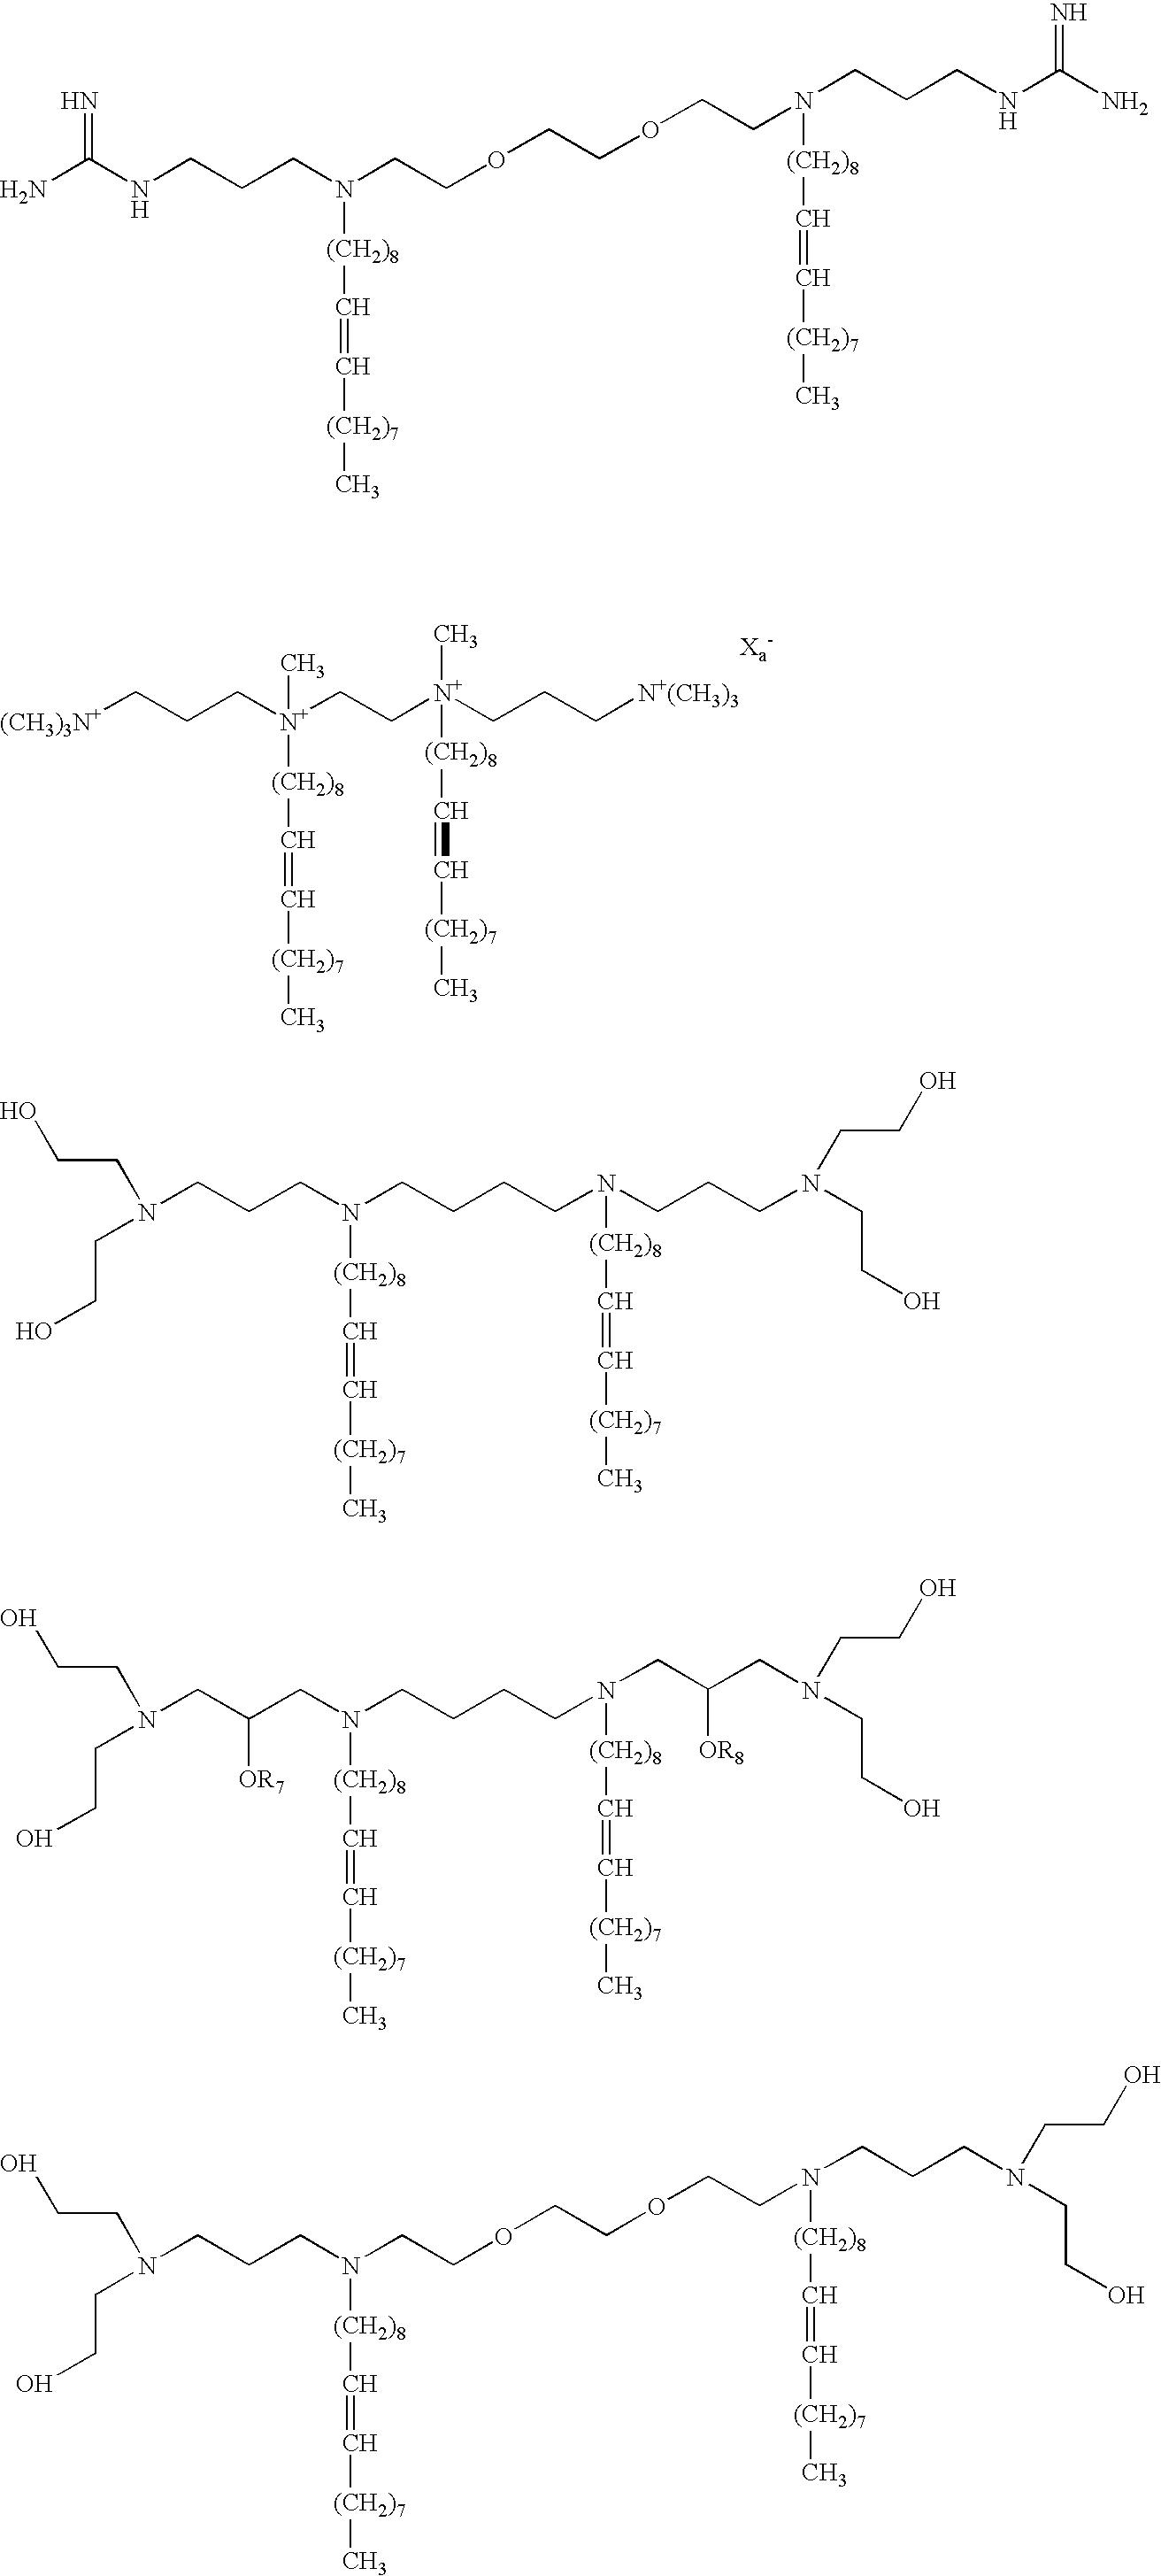 Figure US07601872-20091013-C00043